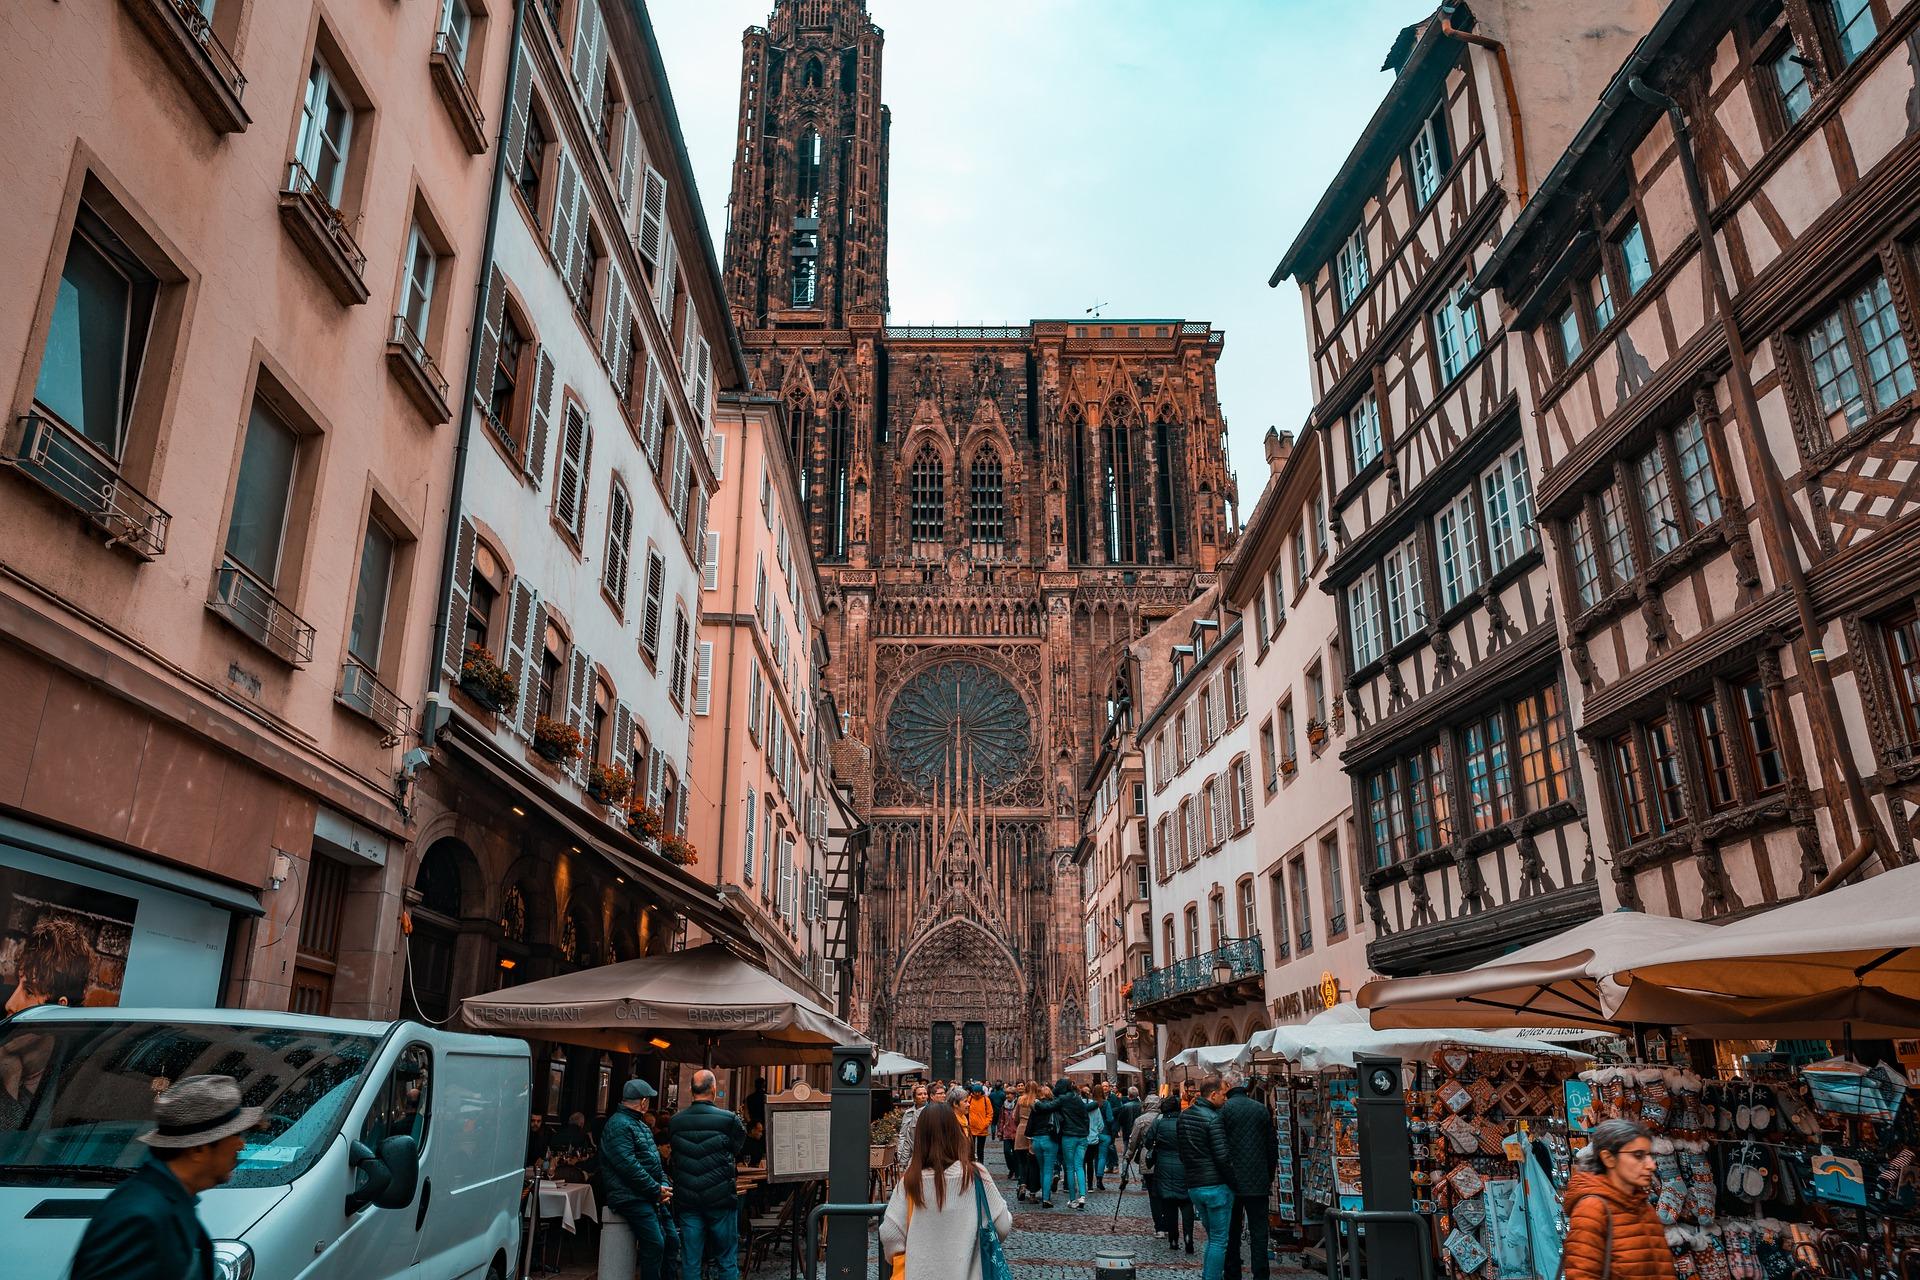 Comment faire une visite touristique de Strasbourg à vélo?